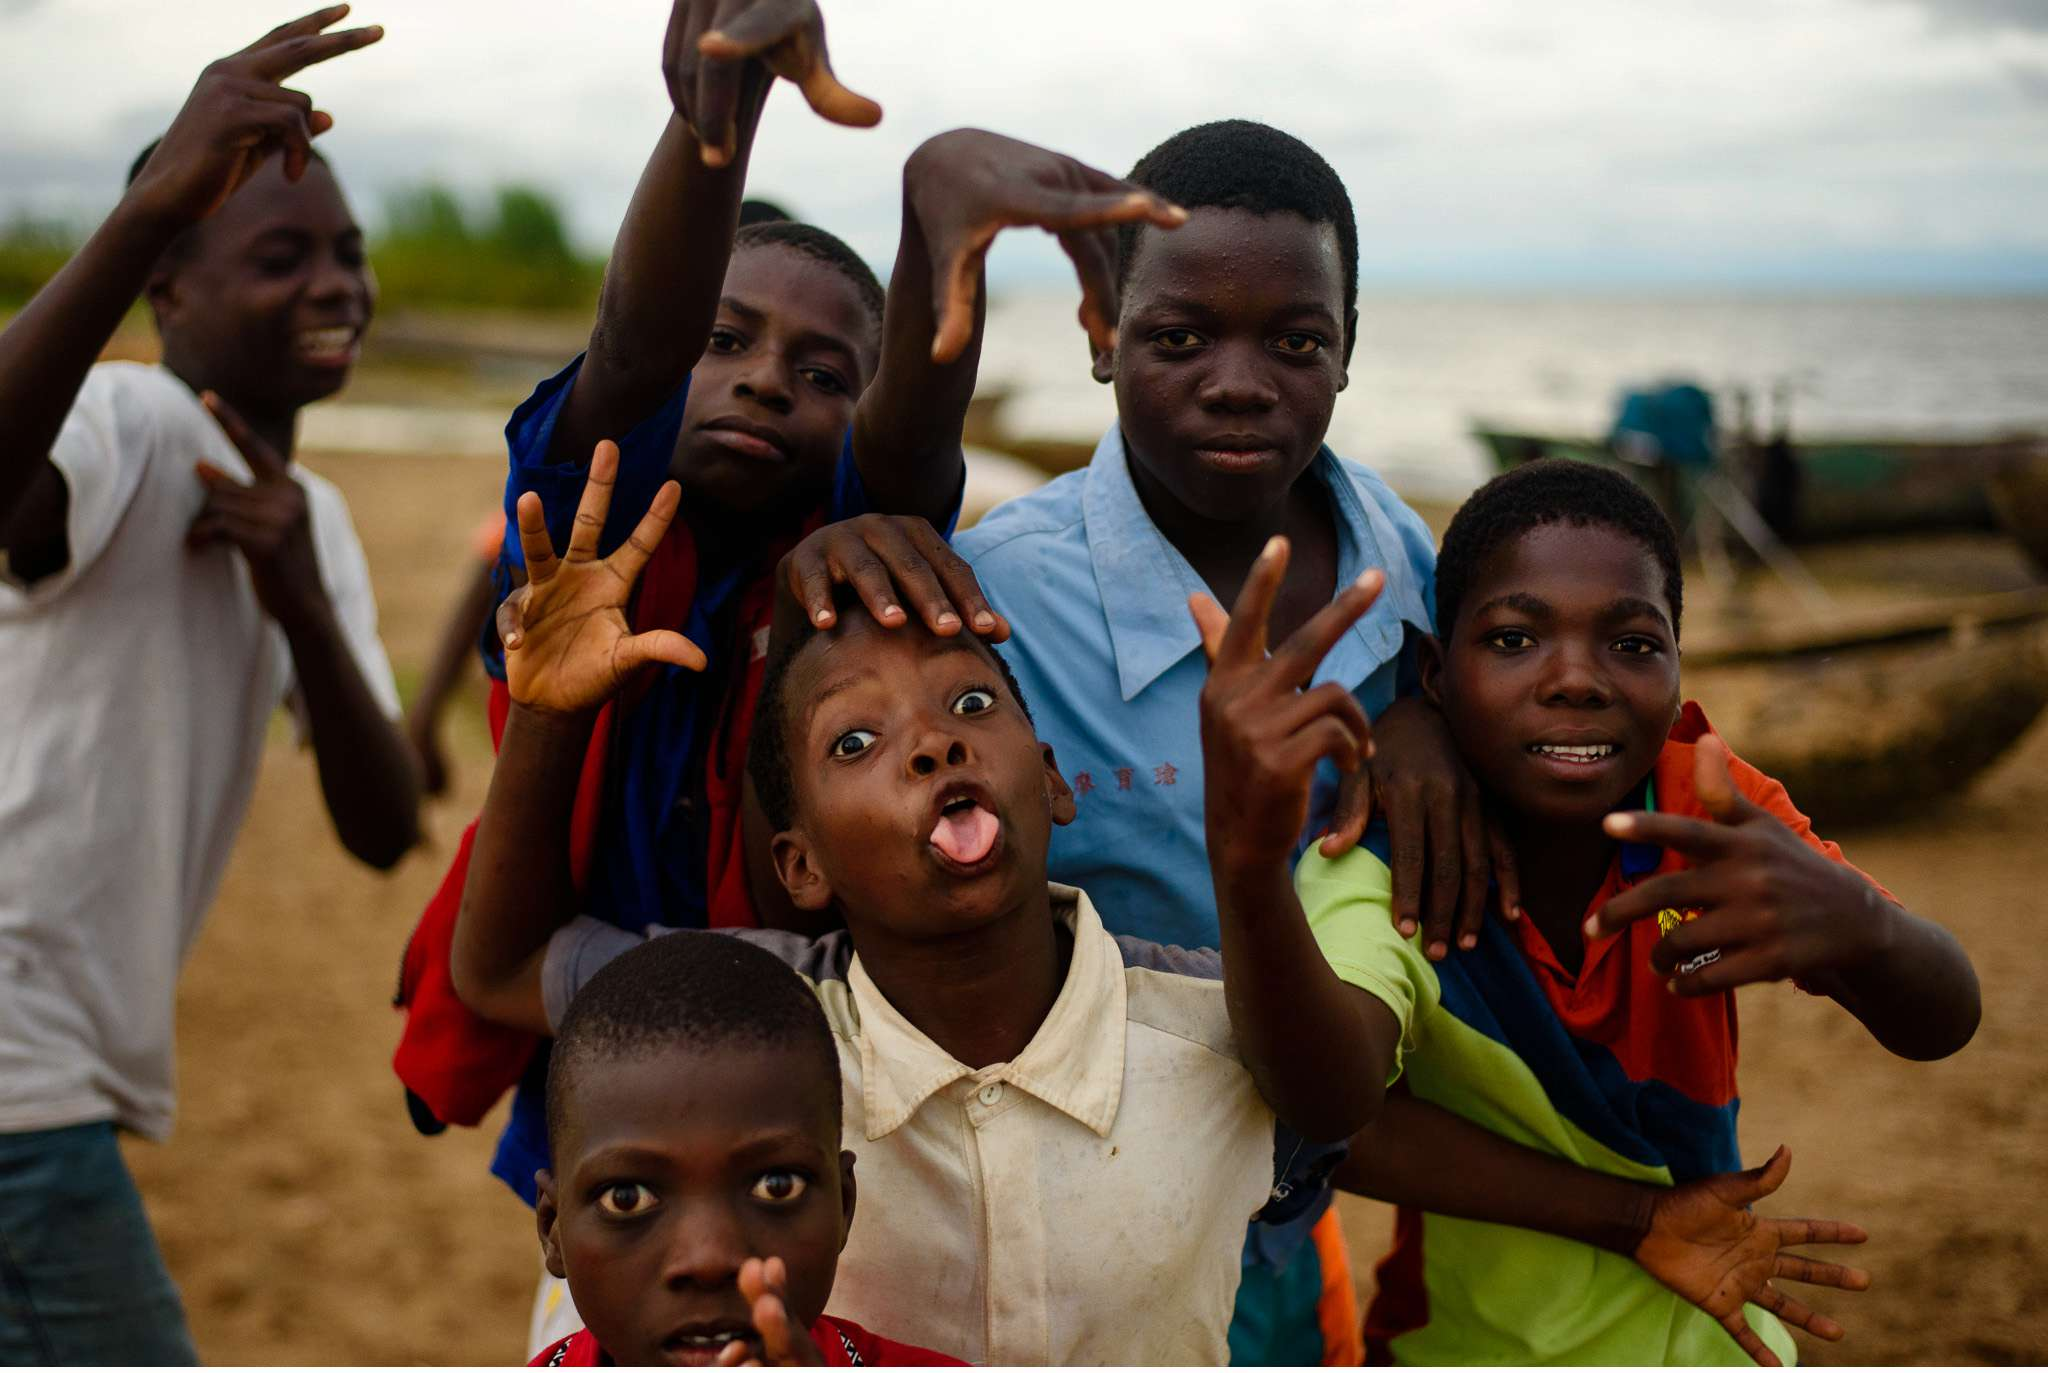 Malawi-Quer durch Afrika- Geschichten von unterwegs by Marion and Daniel-93